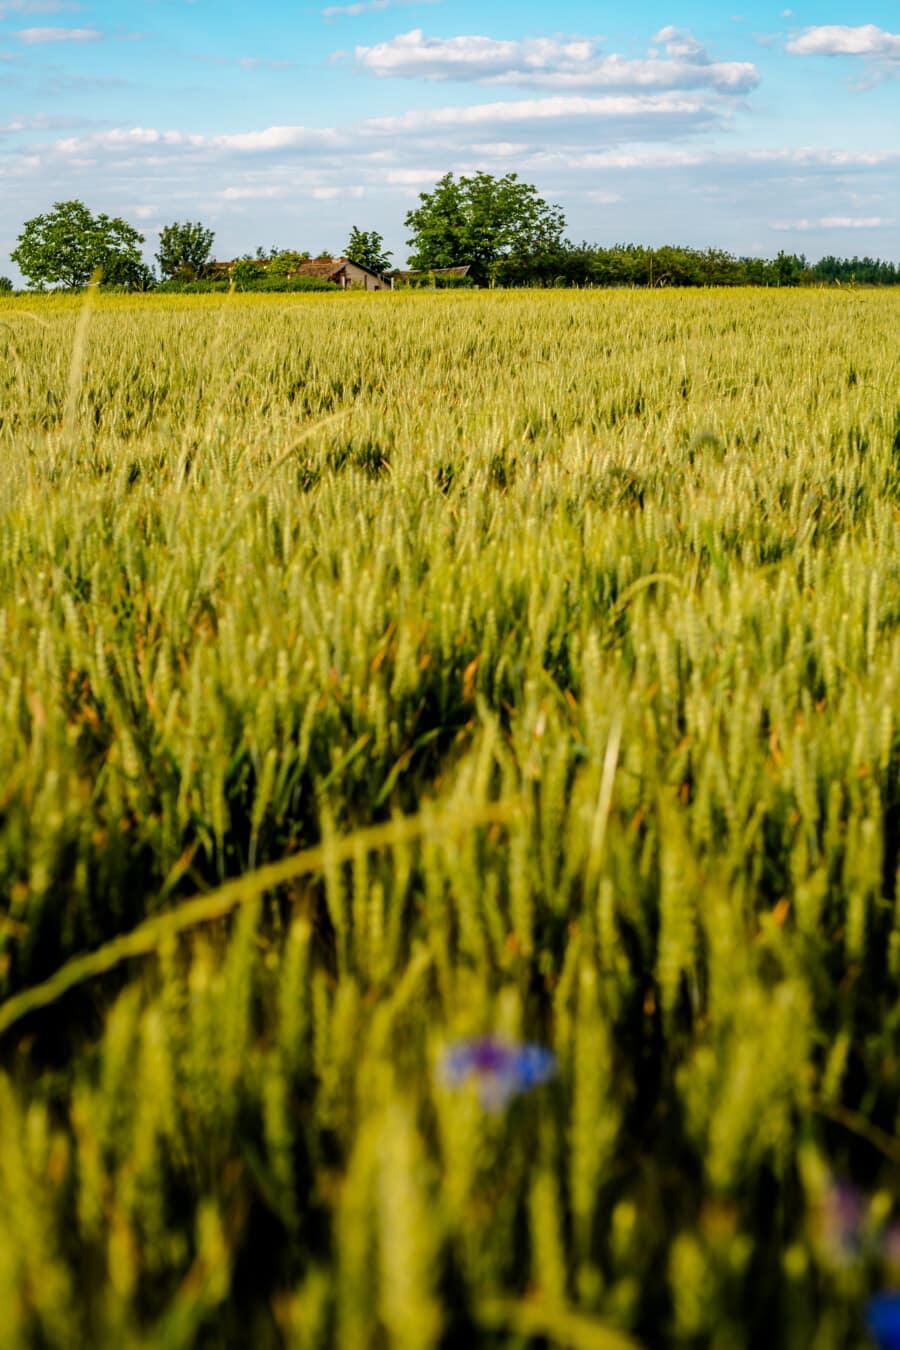 麦畑, ファーム, 草, 穀物, 農村, 夏, ランドス ケープ, 小麦, フィールド, 農業